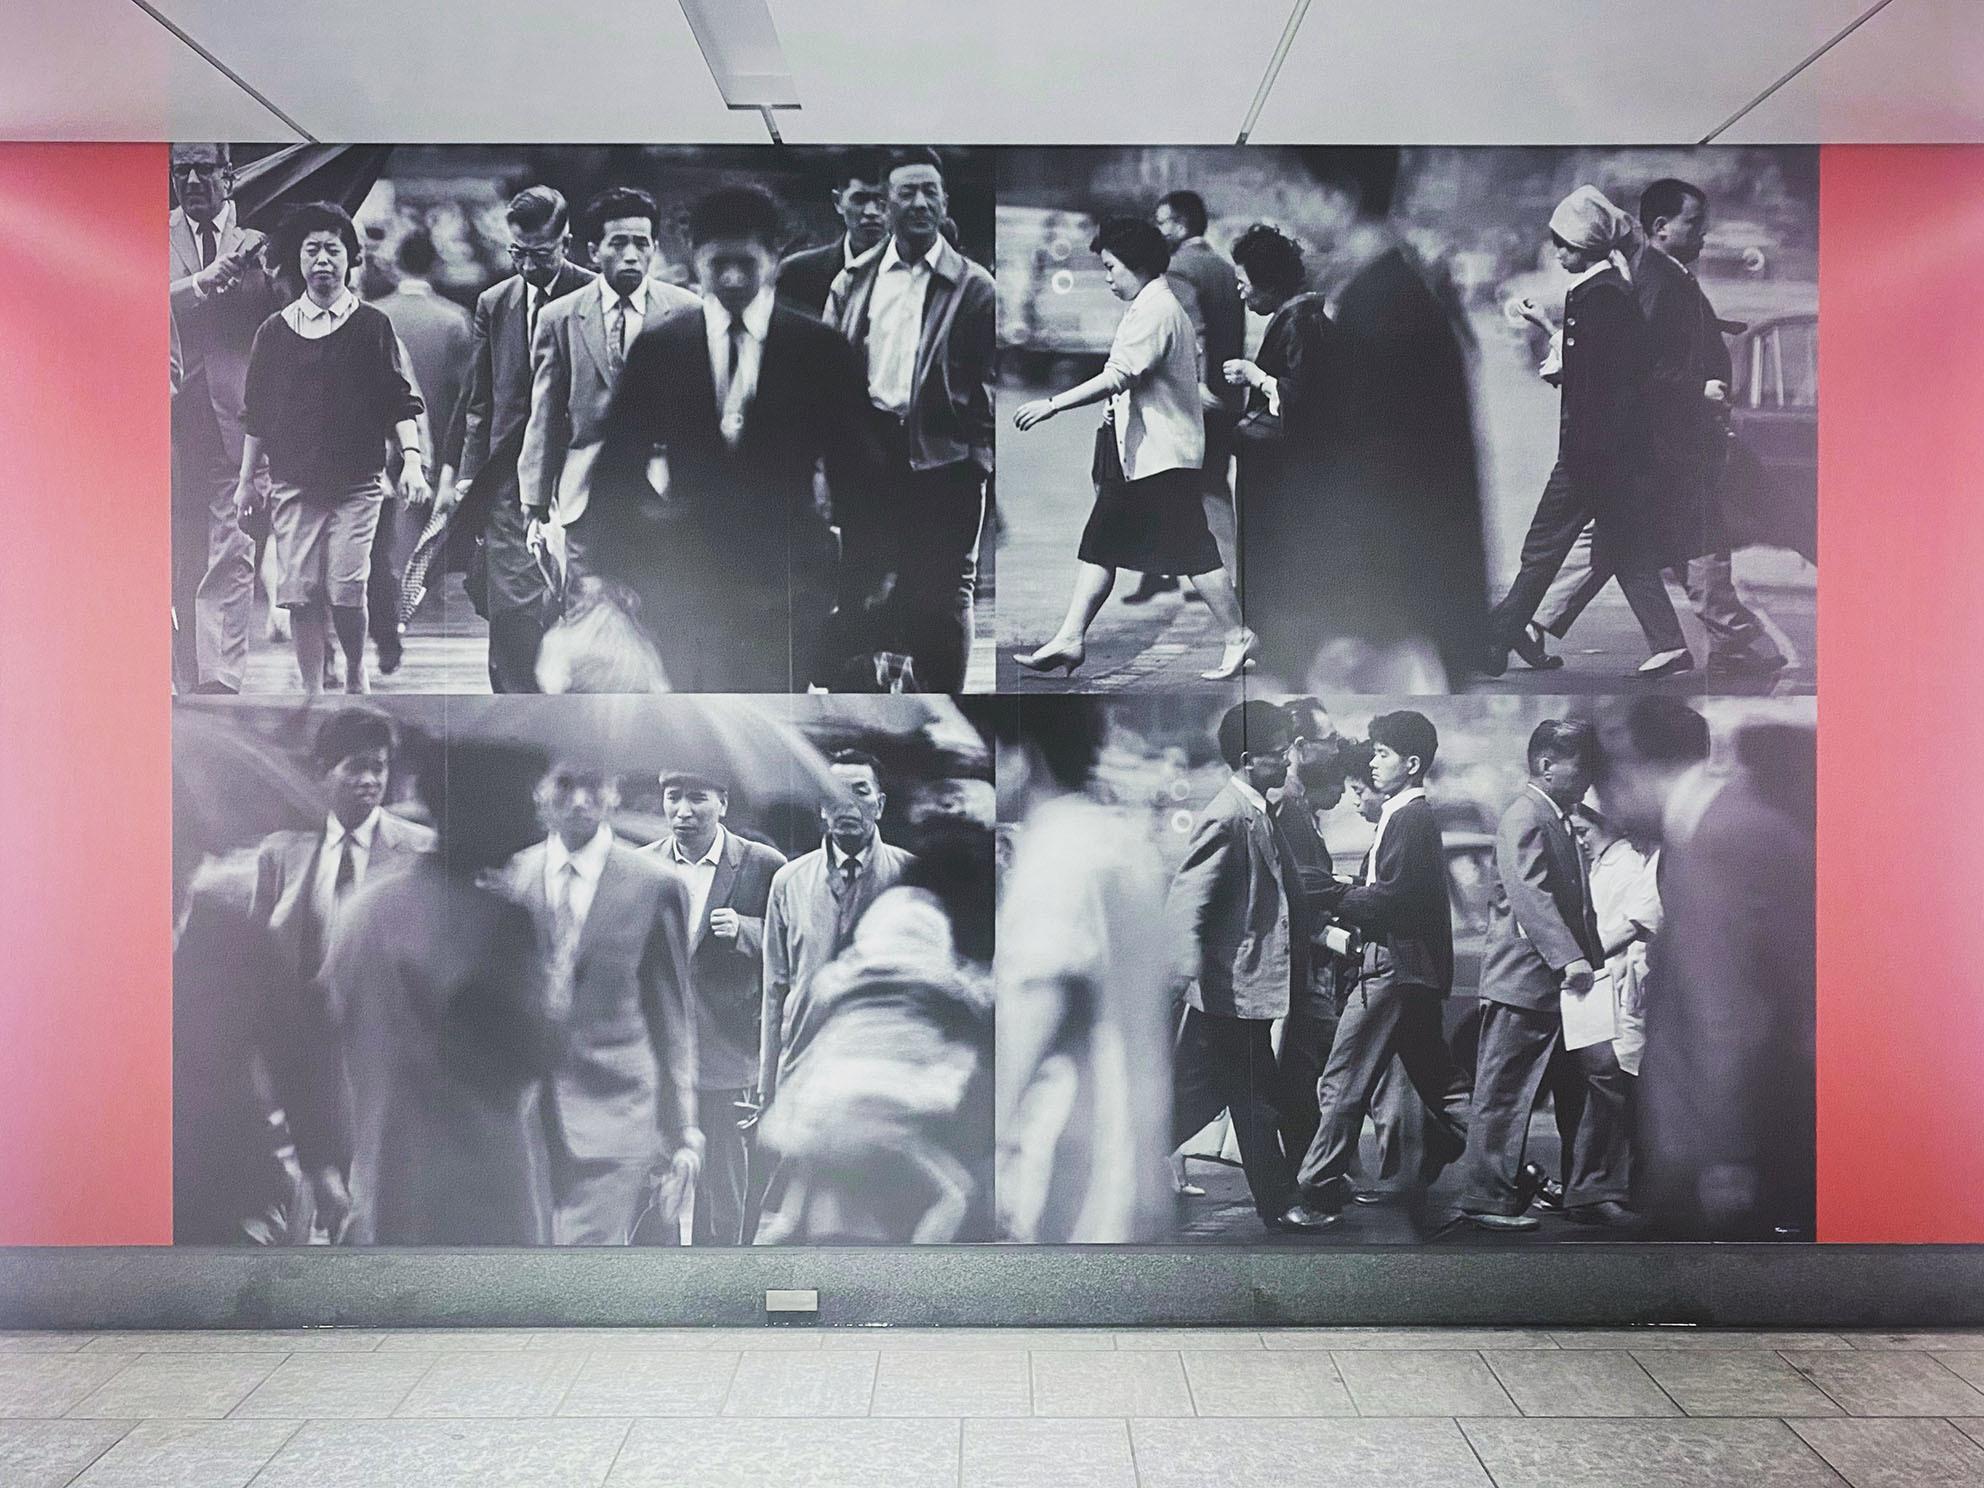 中央区銀座 / ウィリアム・クライン「GINZA 1961」/ iPhone 11_c0334533_12112059.jpg